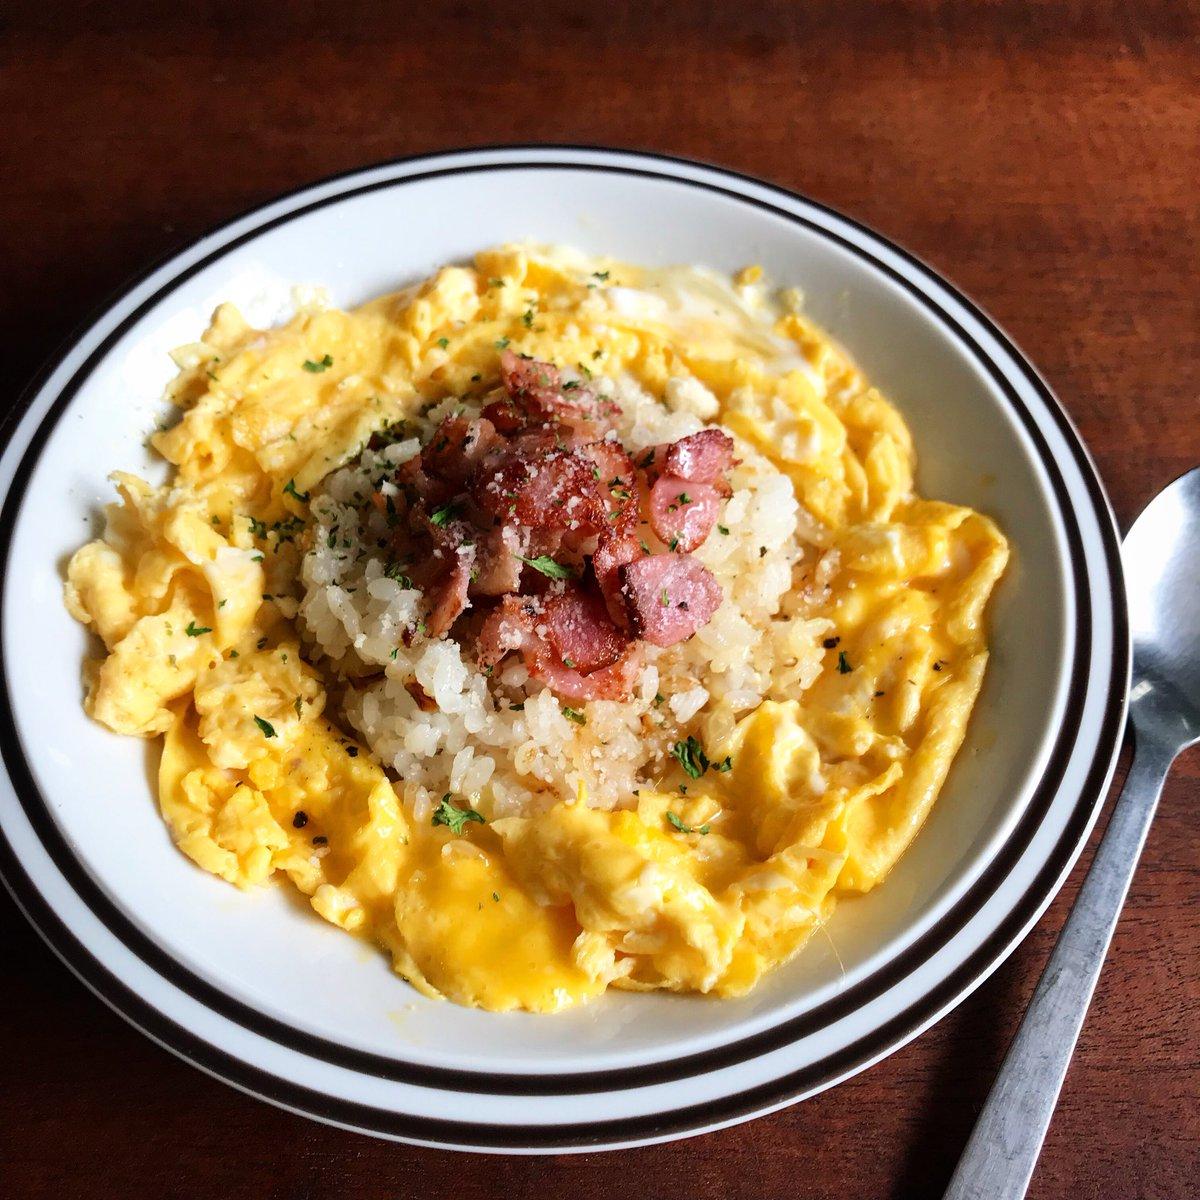 ★卵はトロトロでも、固めに焼いて炒飯のように仕上げても美味しい★マヨネーズは牛乳でも★直径22cmのフライパン使用ですが、食卓に出せるようなのがなければ写真の様にお皿に盛って✨★レンジじゃないので、倍量など自由に(2人分で卵3個とか)★より詳しくはブログに